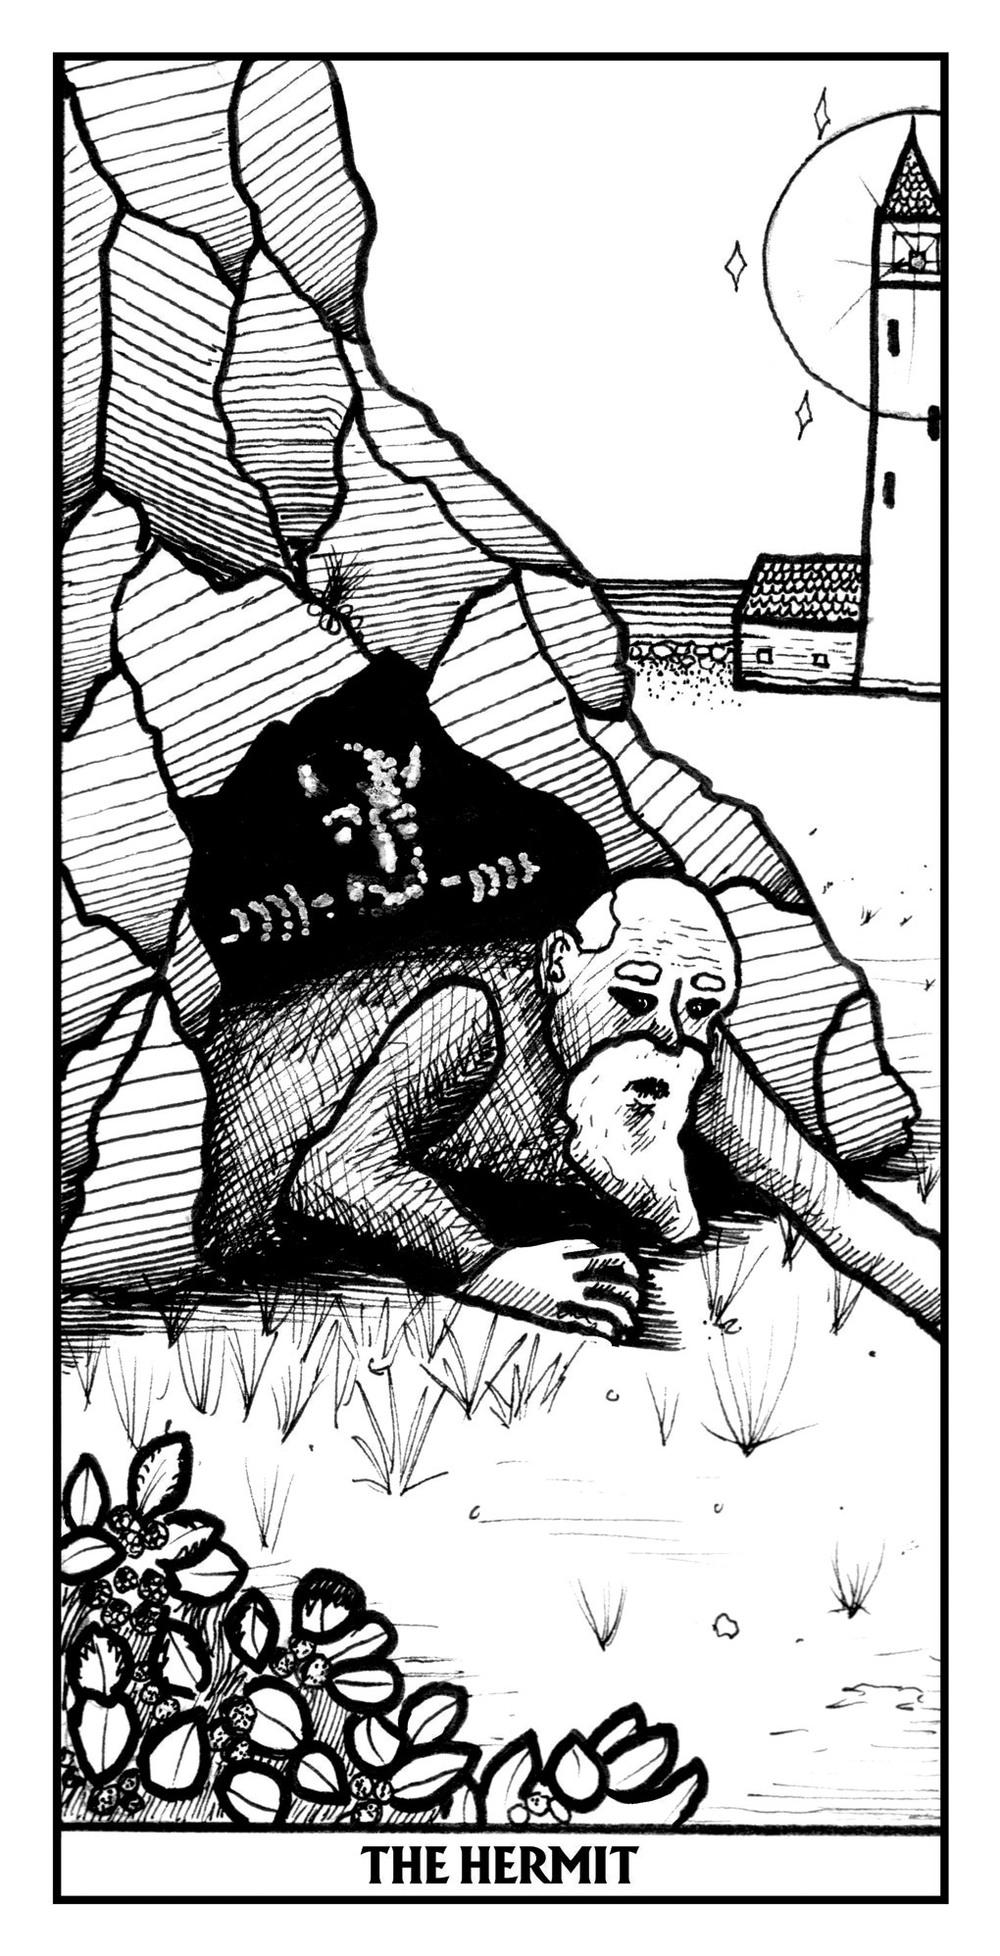 The-Hermit.jpg